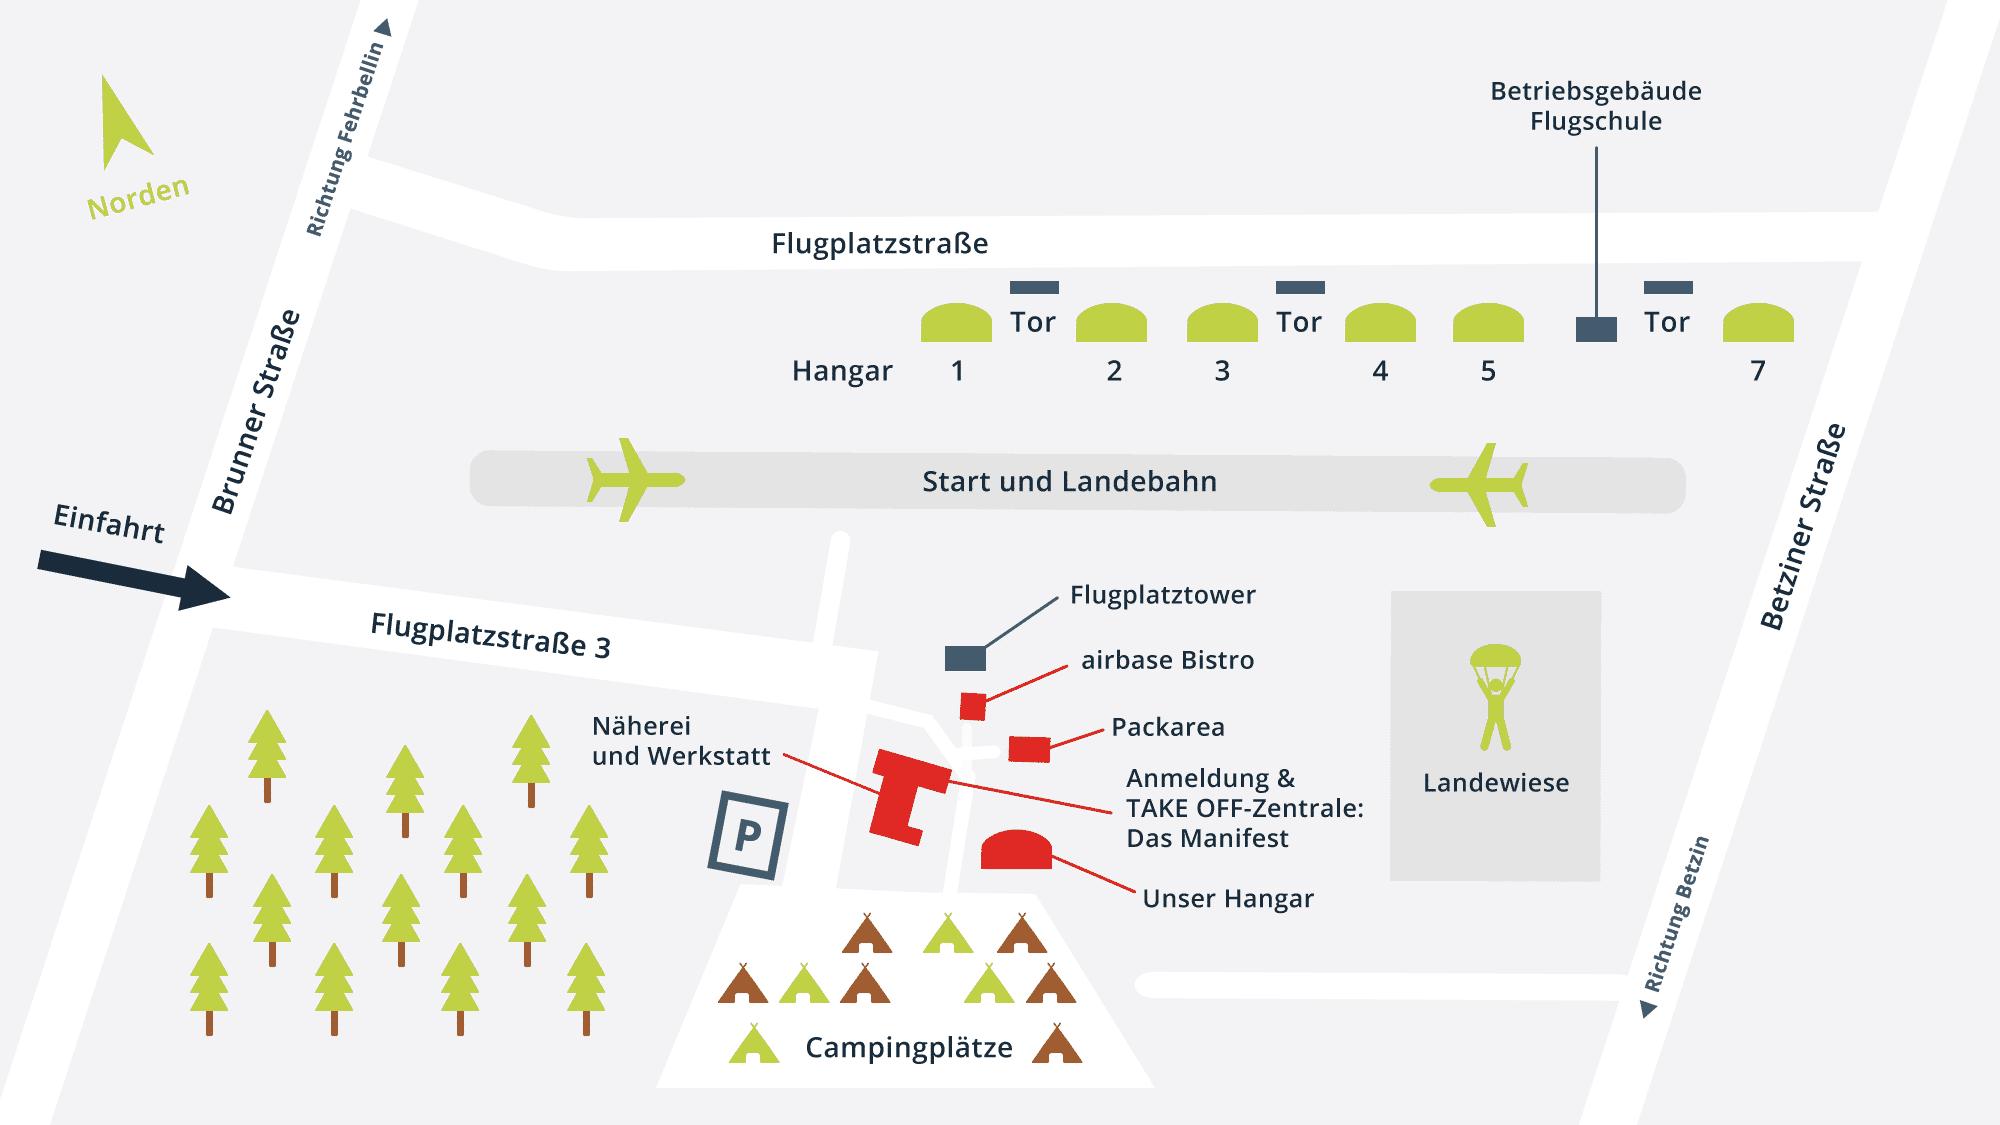 takeoff-fallschirmsport-center-lageplan